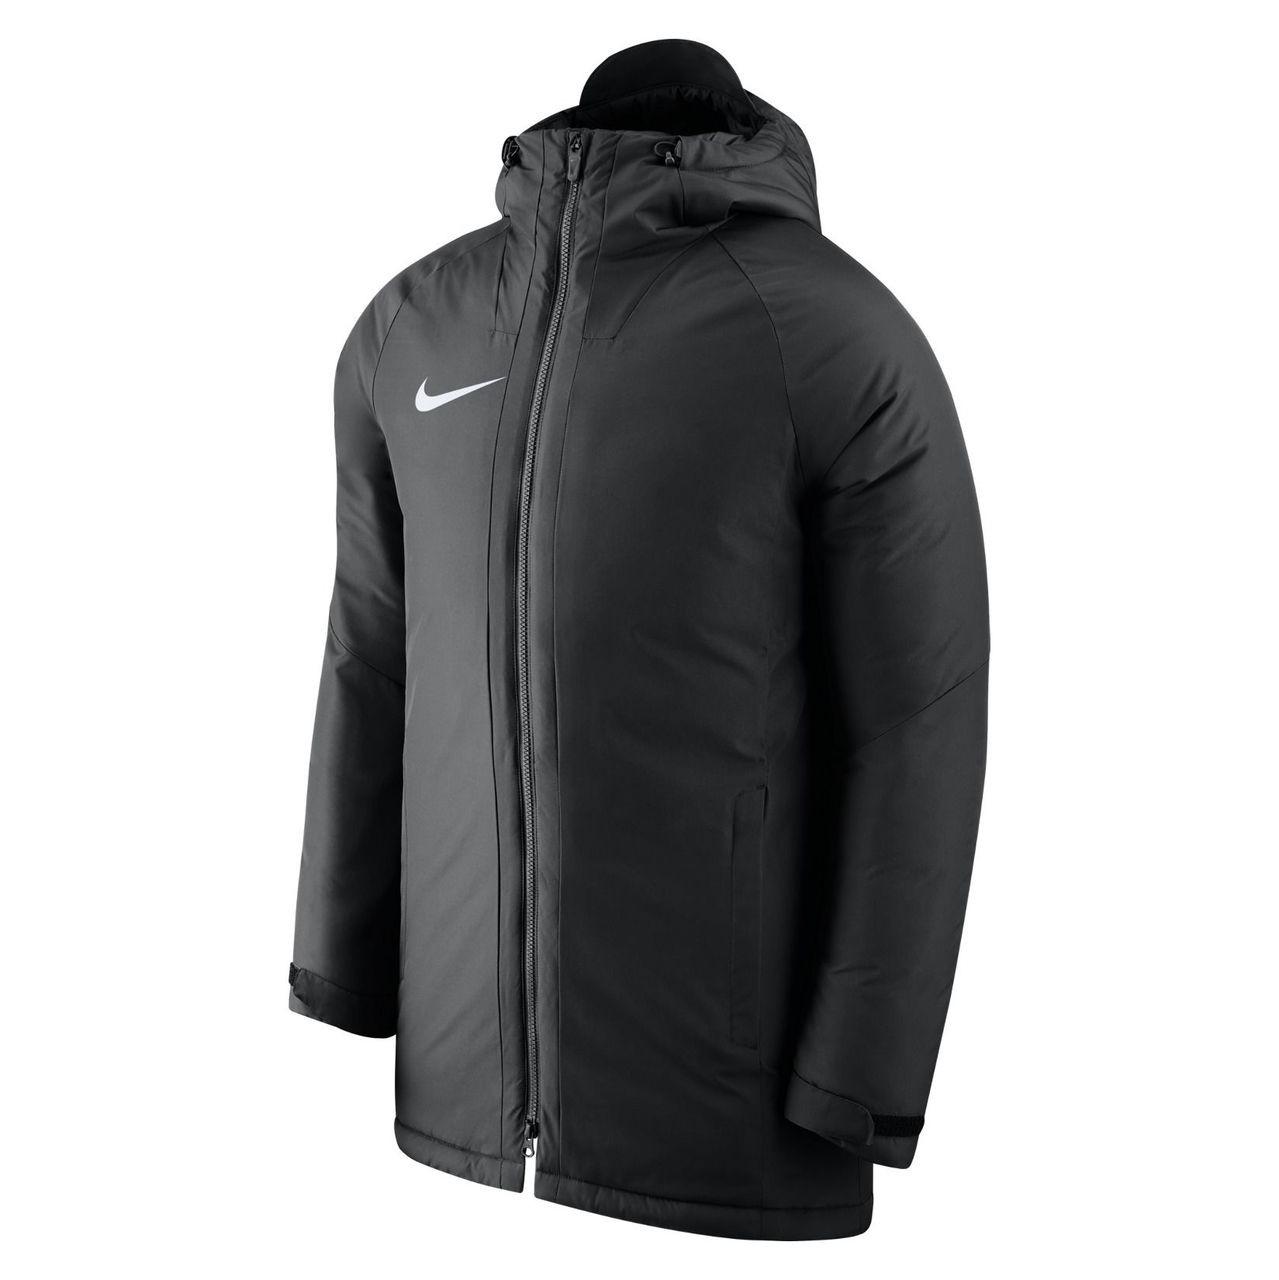 Nike Academy 18 Winter Jacket - Galaxyfootball b4e0b89f5